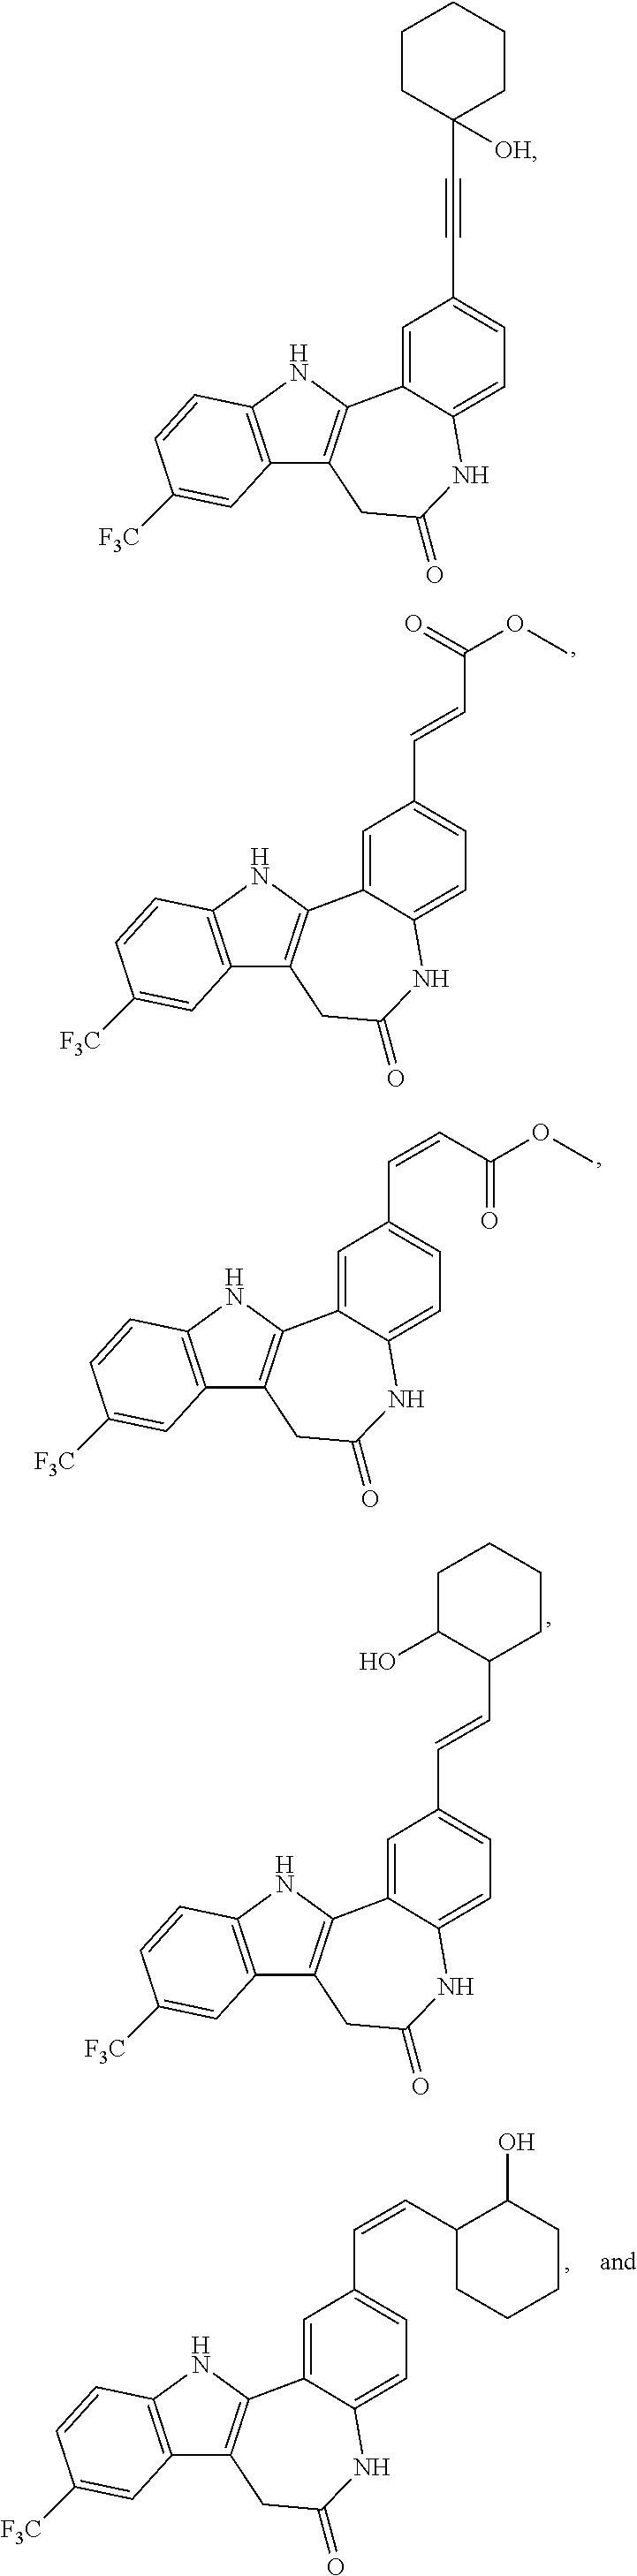 Figure US09572815-20170221-C00017